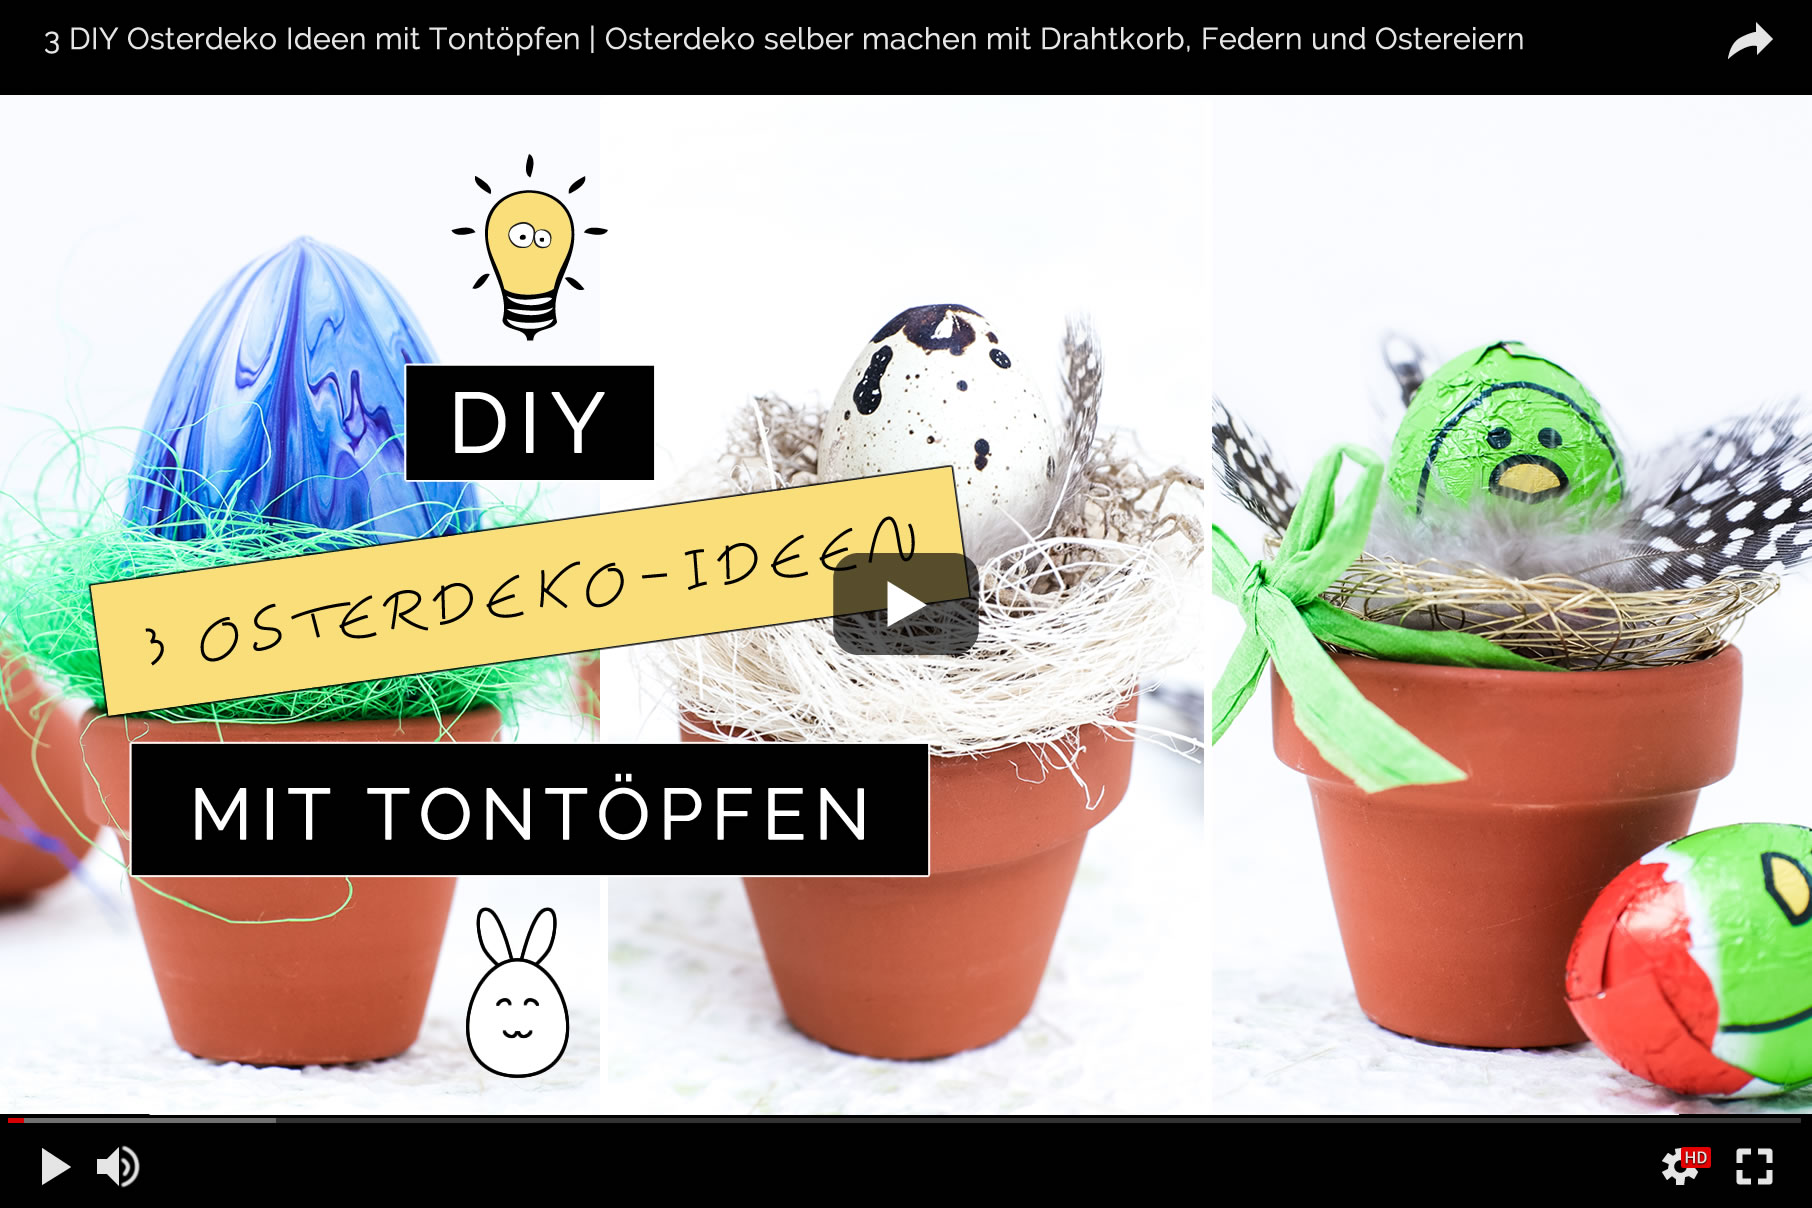 3 DIY Osterdeko Ideen mit Tontöpfen zum Selbermachen | Osterdeko mit Wachtelei, Federn, Schoko-Eiern und Drahtkorb | Filizity.com | DIY & Interior-Blog aus dem Rheinland #ostern #osterdeko